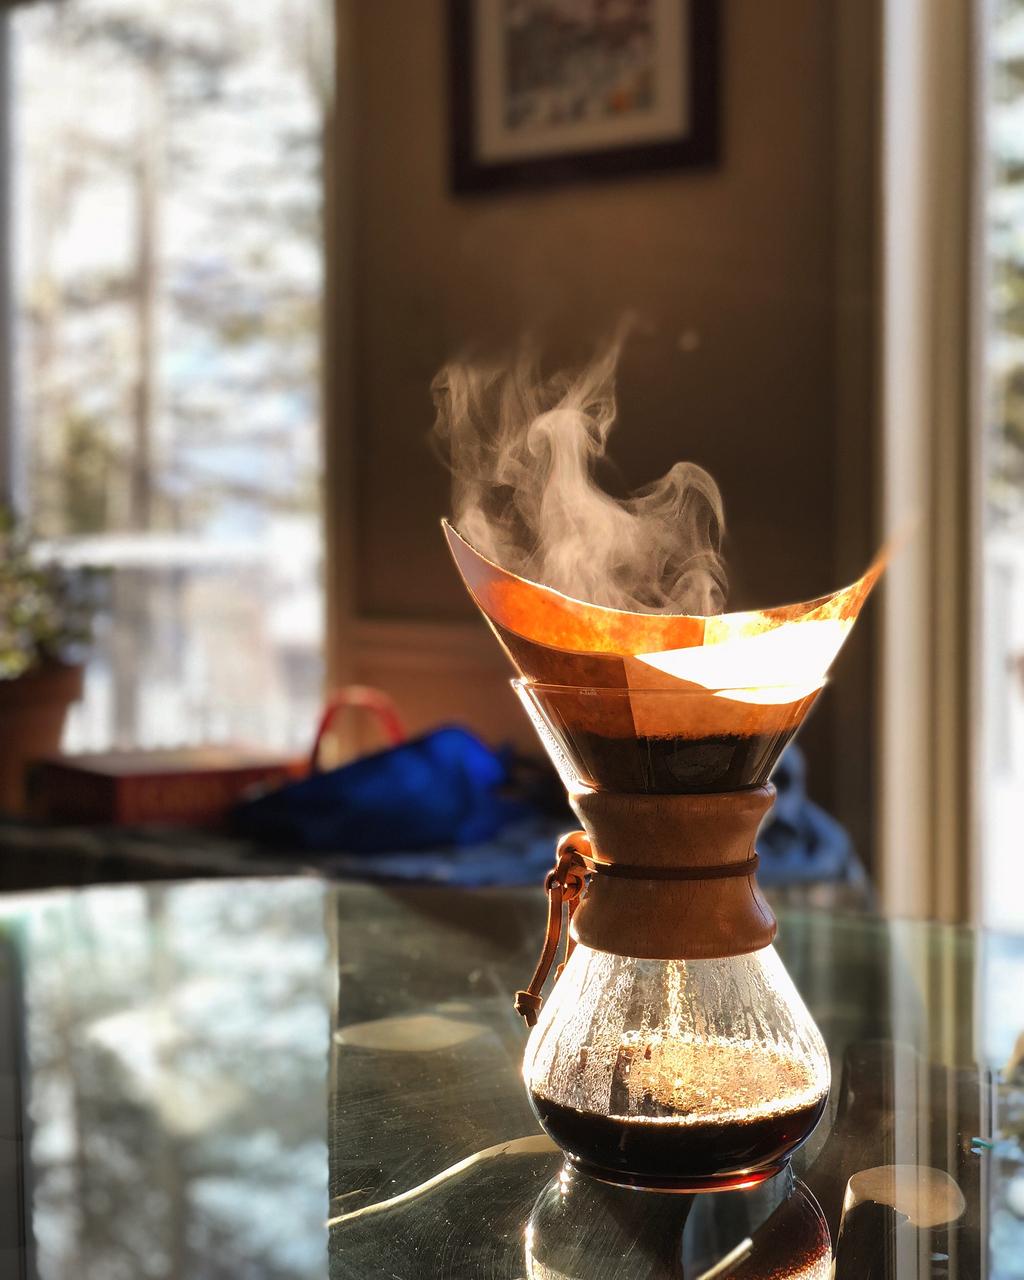 把咖啡壶倒在玻璃桌上